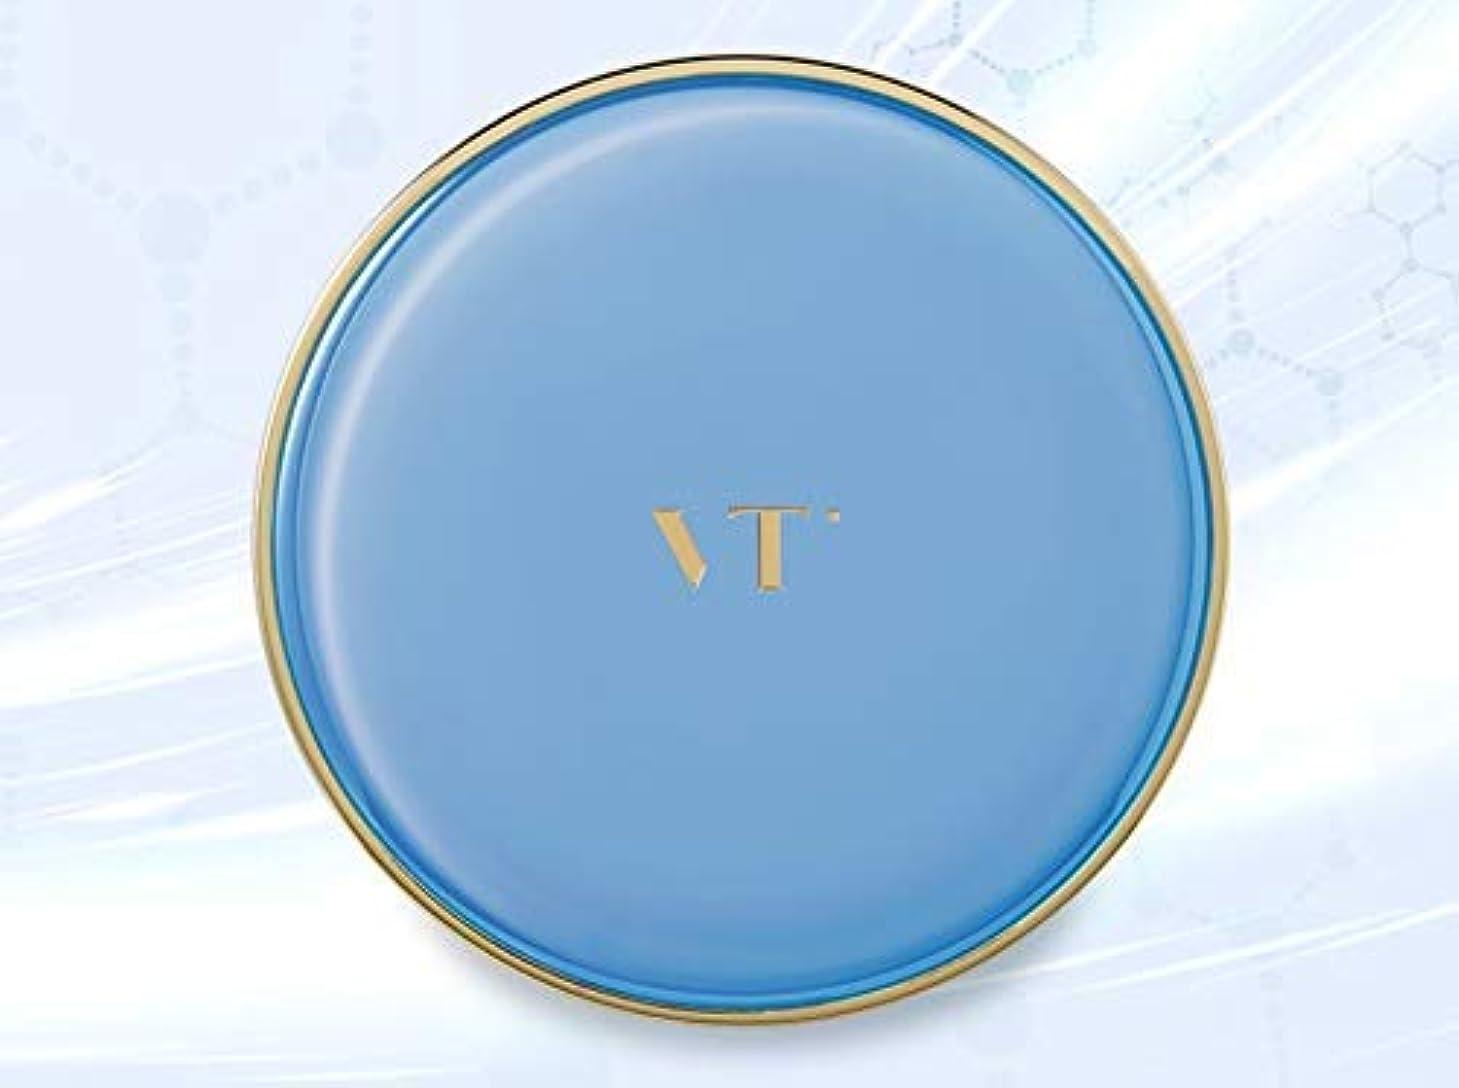 後悔ロール召集するVT ブルービタコラーゲンファクト SPF50+ PA+++ 11g 23号 / VT BLUE VITA COLLAGEN PACT 0.38 OZ [並行輸入品]